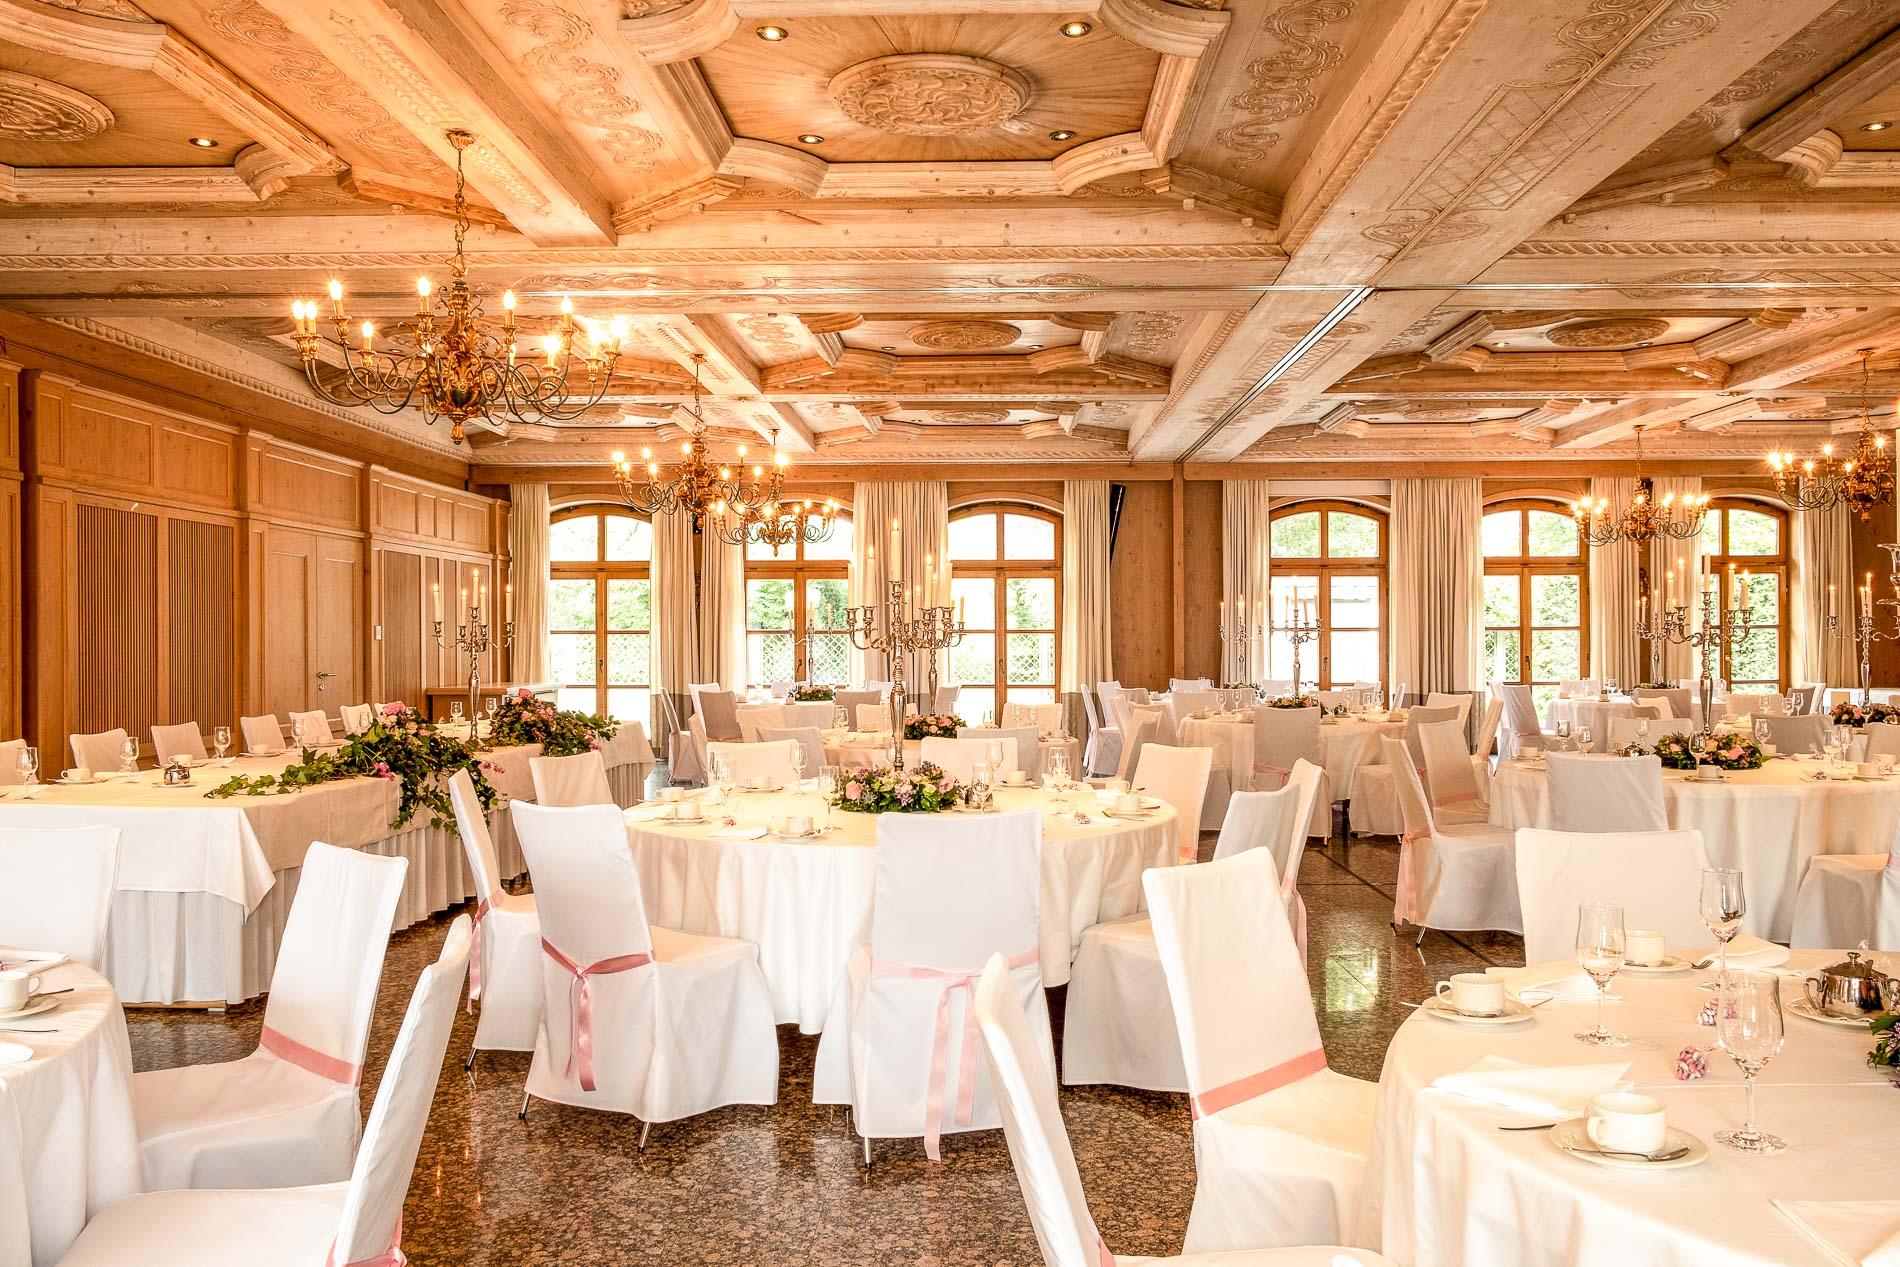 Hotel Bauer Feldkirchen Bei Munchen